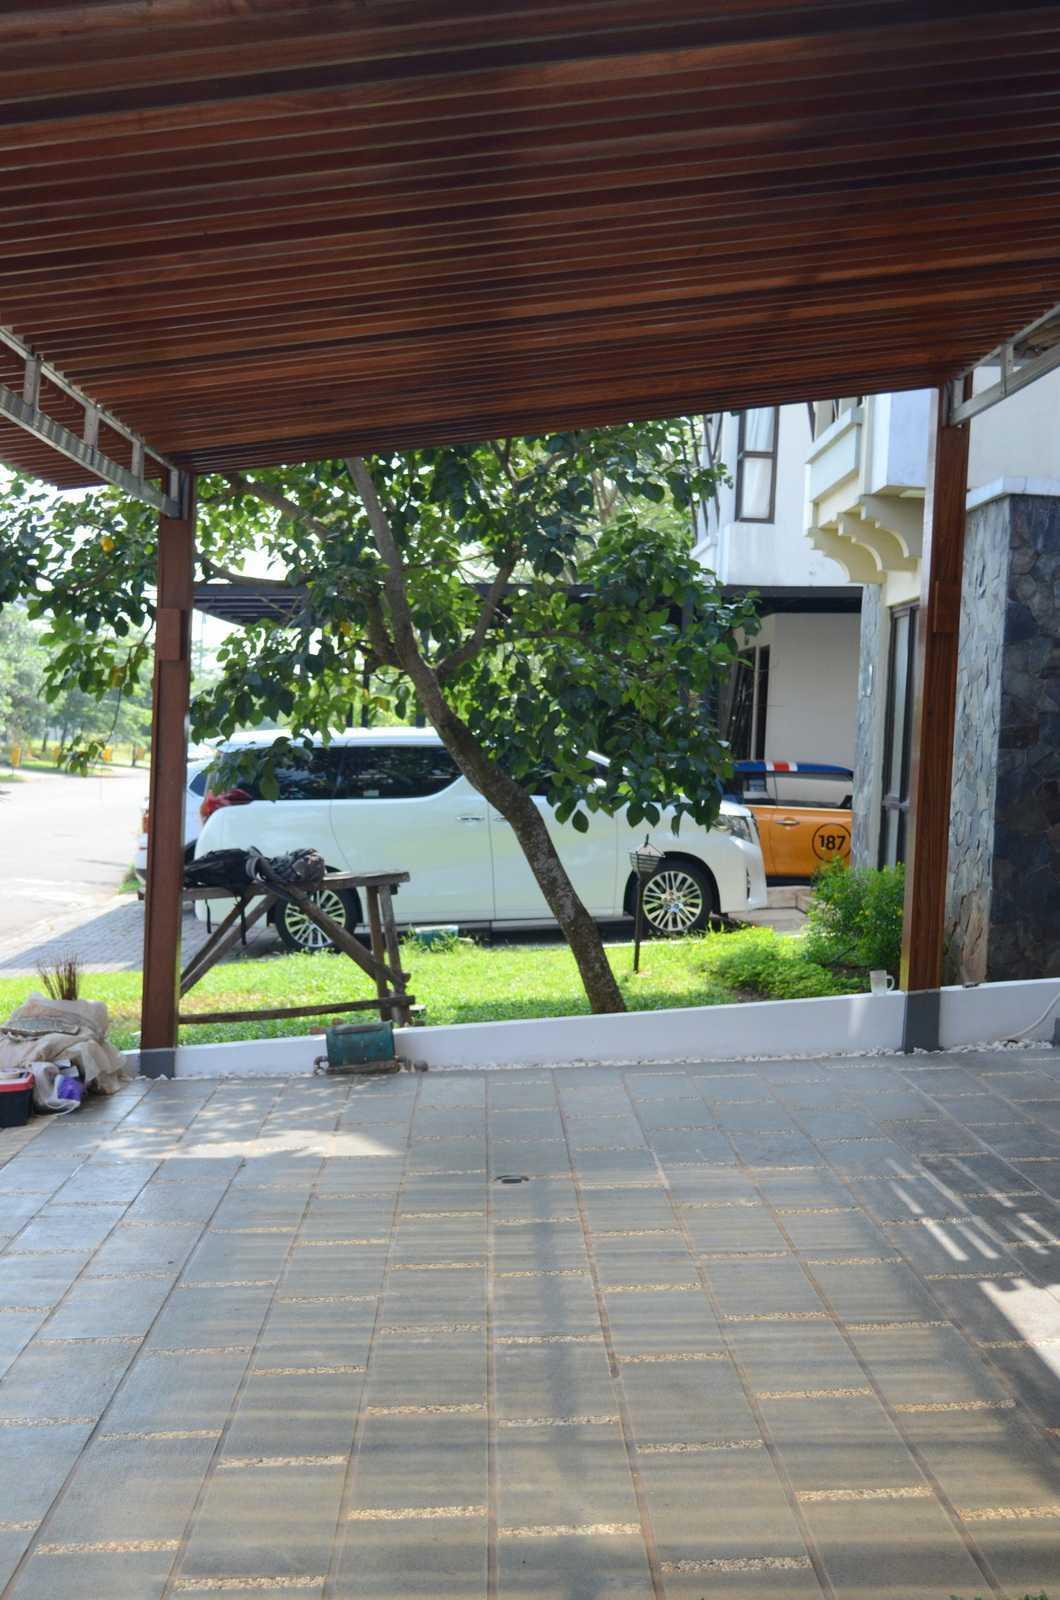 X3M Architects Nittaya A3 12 House Bsd, Tangerang Bsd, Tangerang Dsc0560 Tropis  28199